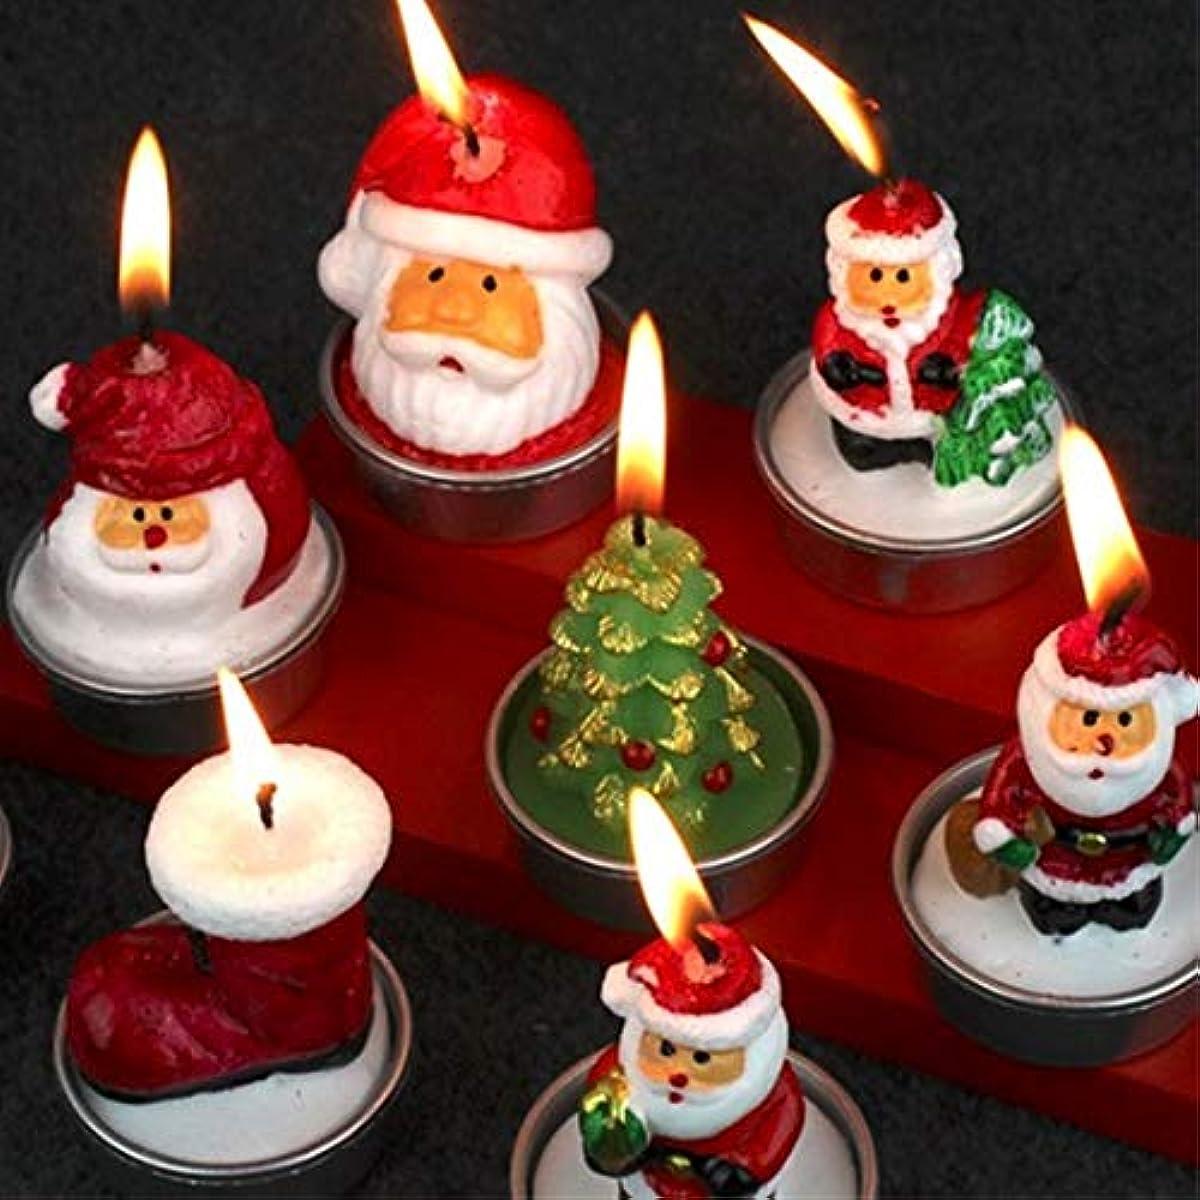 ラップトップレモン染色Labos 家族の休日の装飾パーティーの装飾新年の装飾用品に使用クリスマスサンタクロースクリスマスキャンドル、ランダム配信